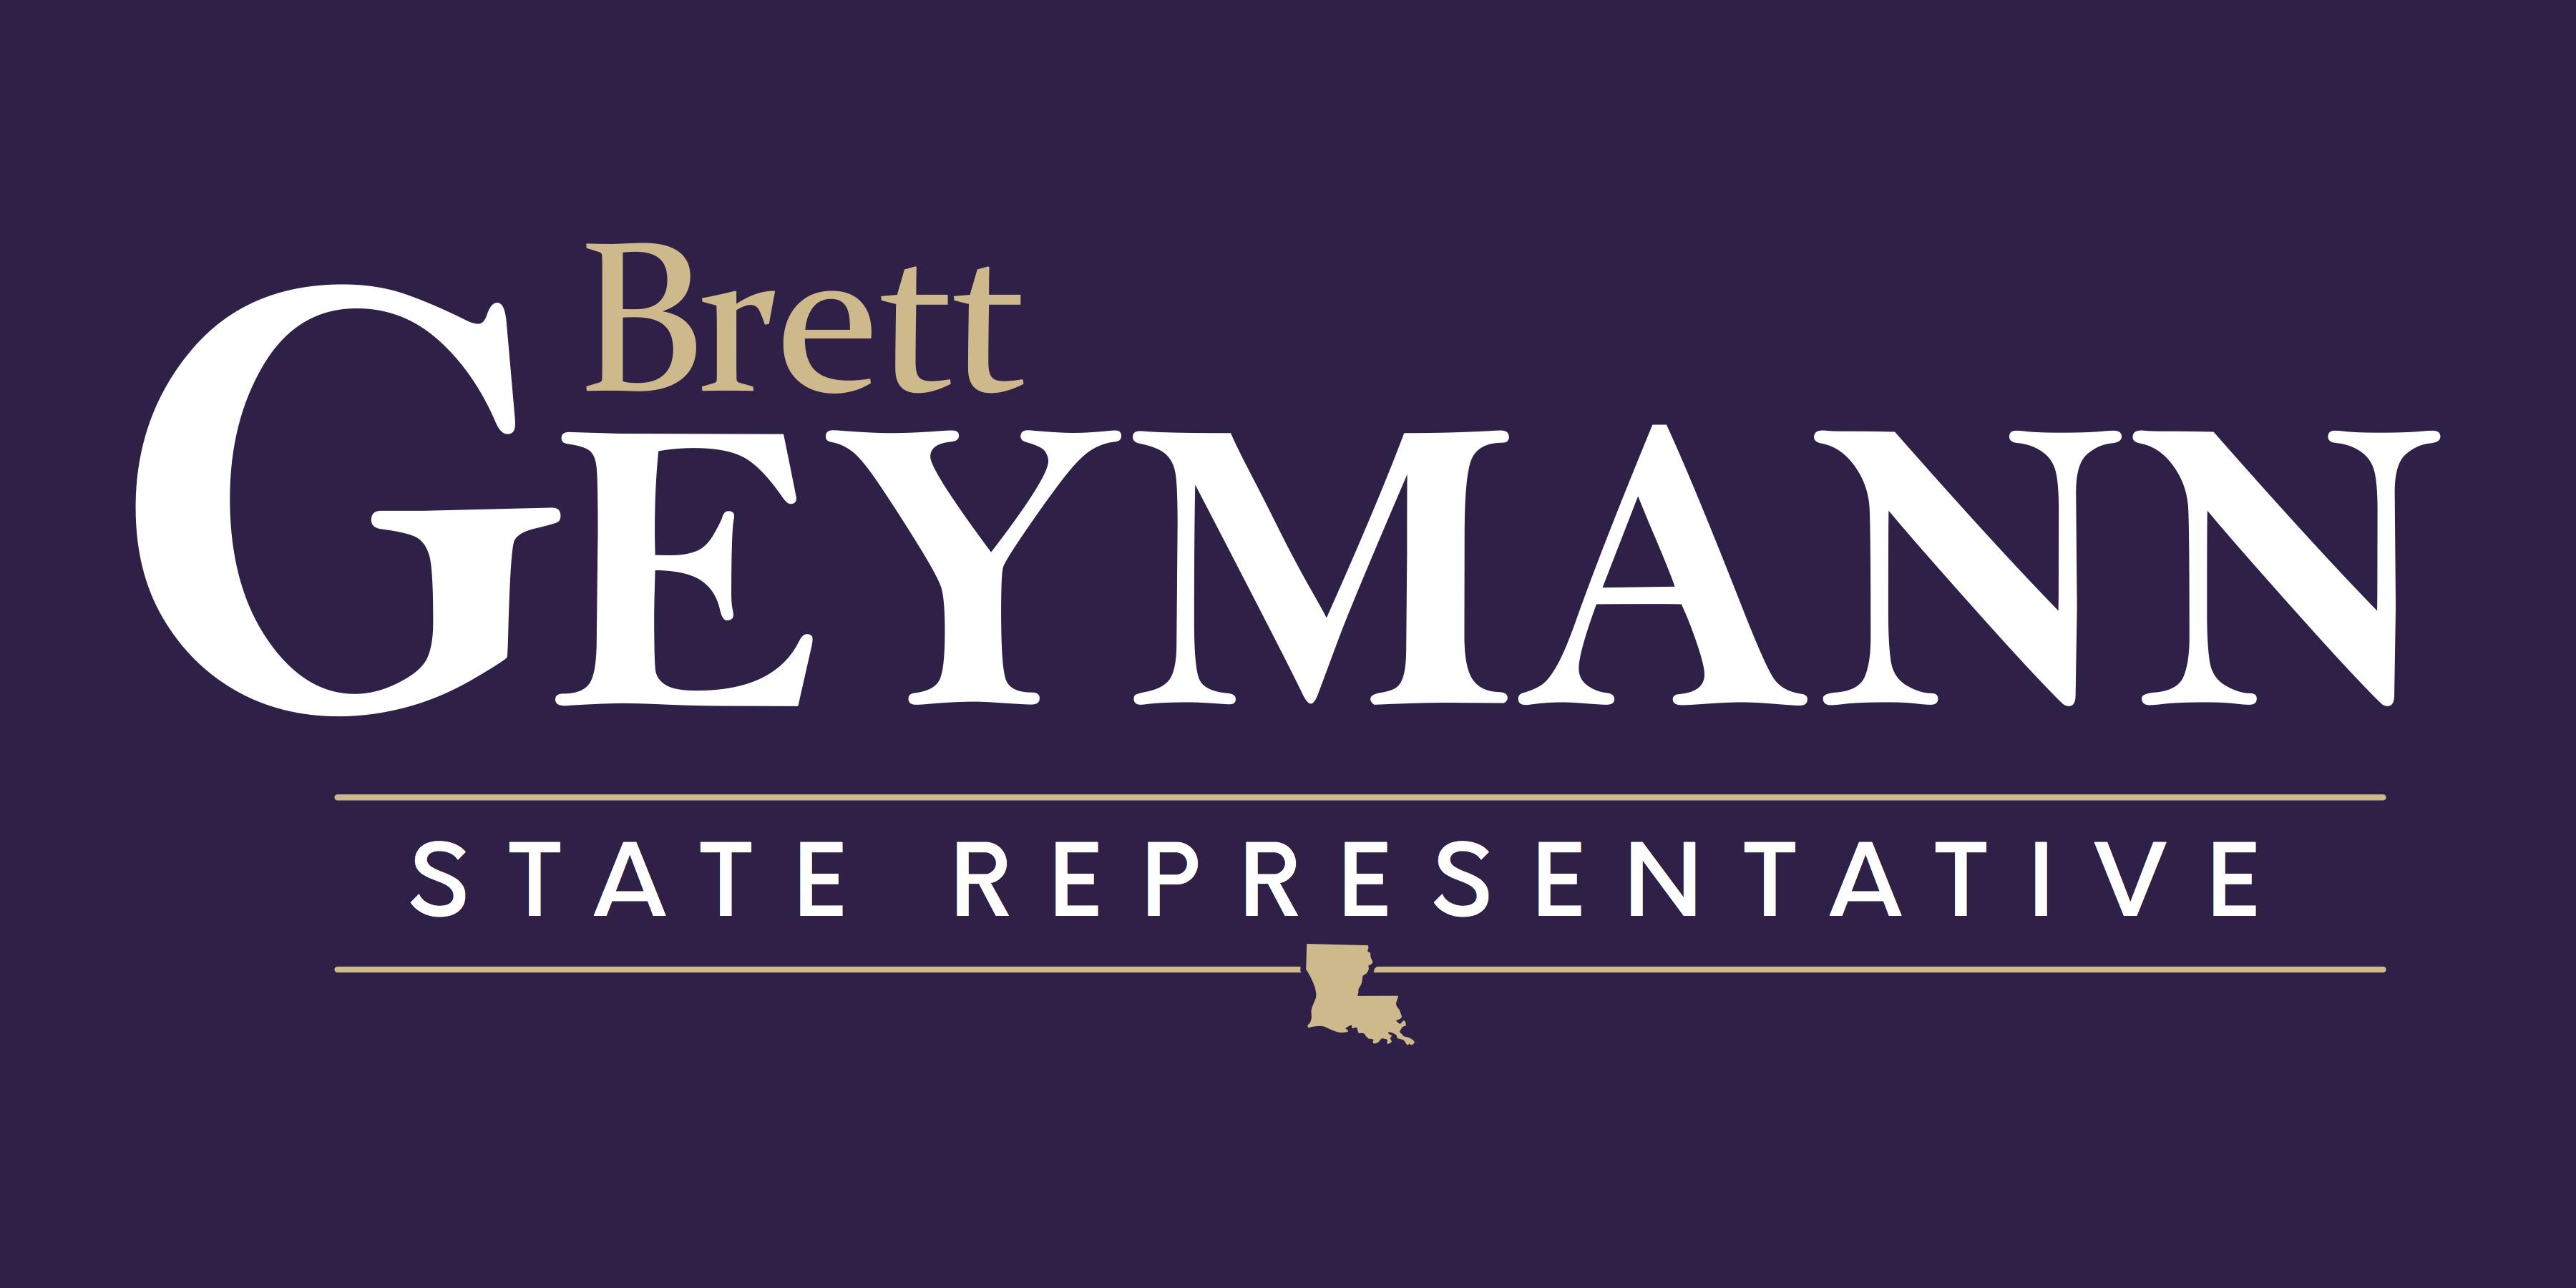 Brett Geymann